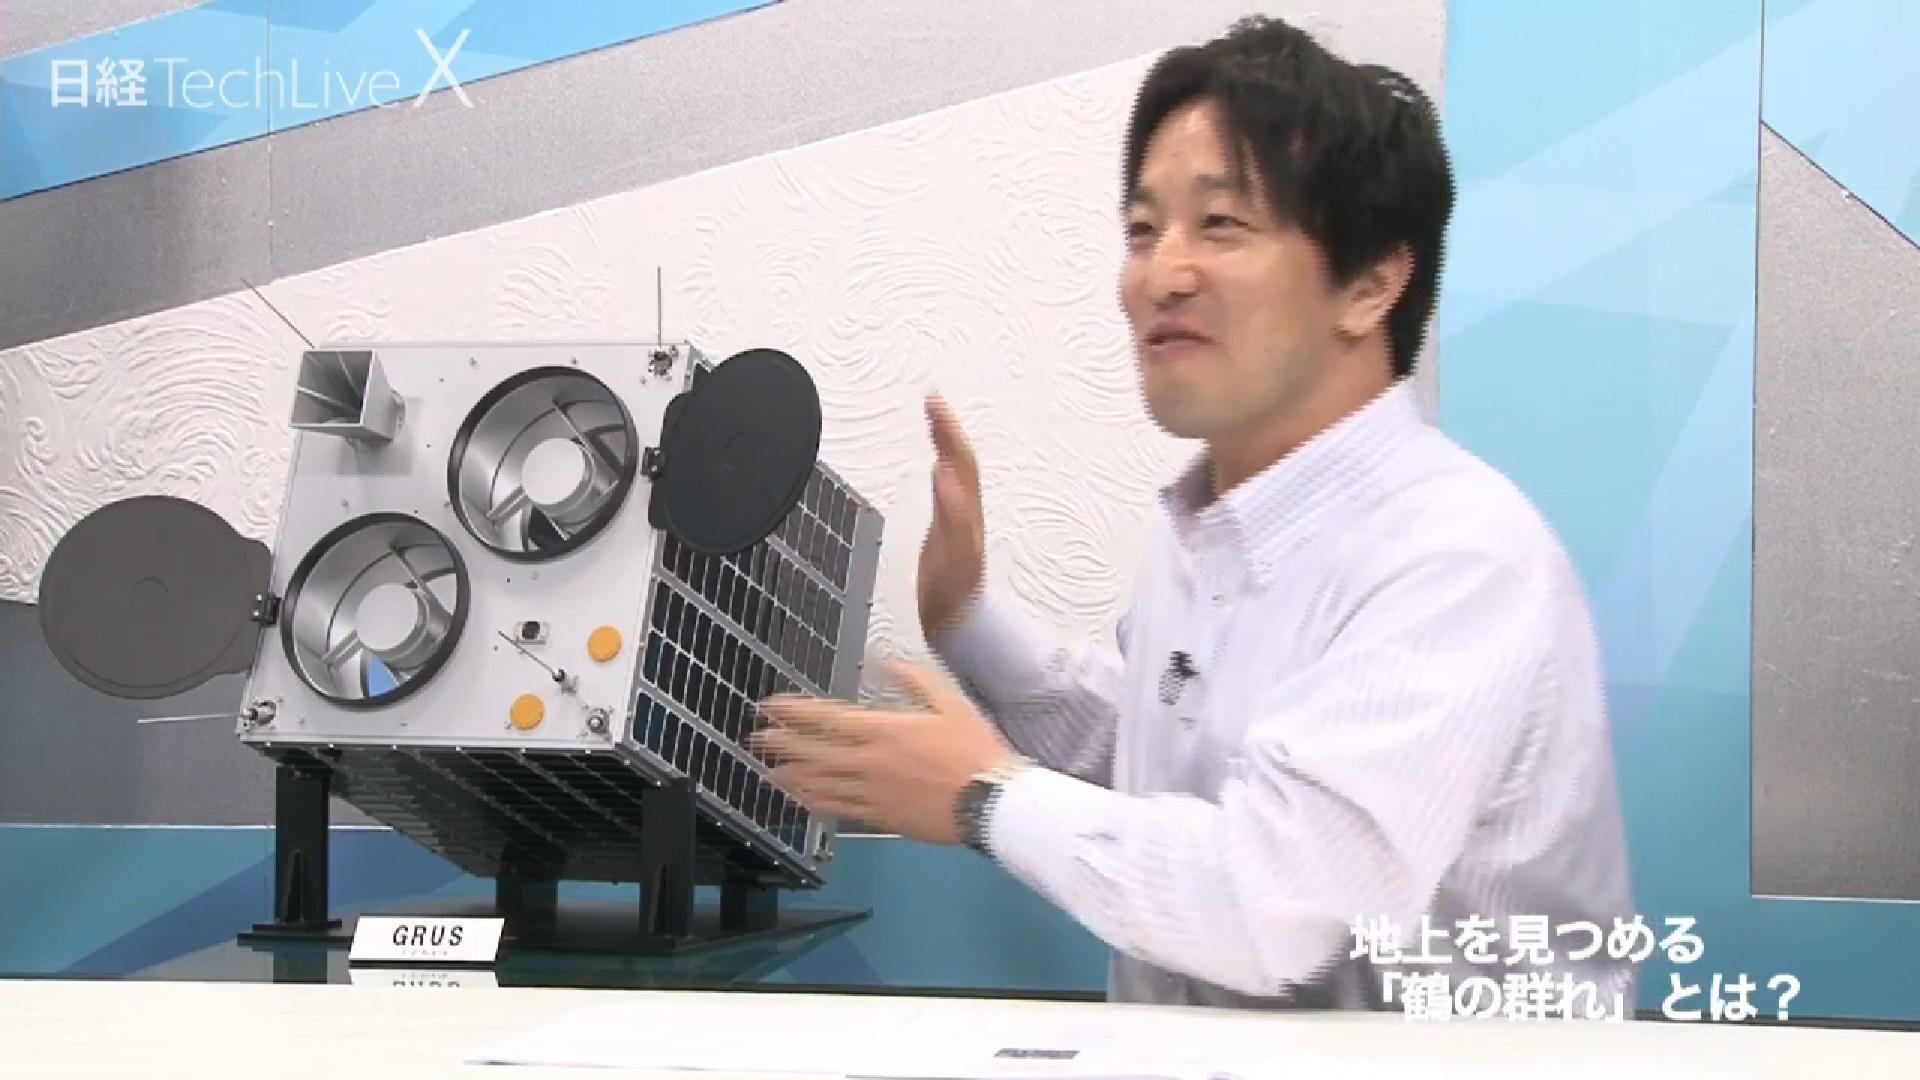 宇宙ビジネスビッグバン!スタートアップが起こす革命とは?(前編):お江戸・日本橋で衛星開発の狙いは?